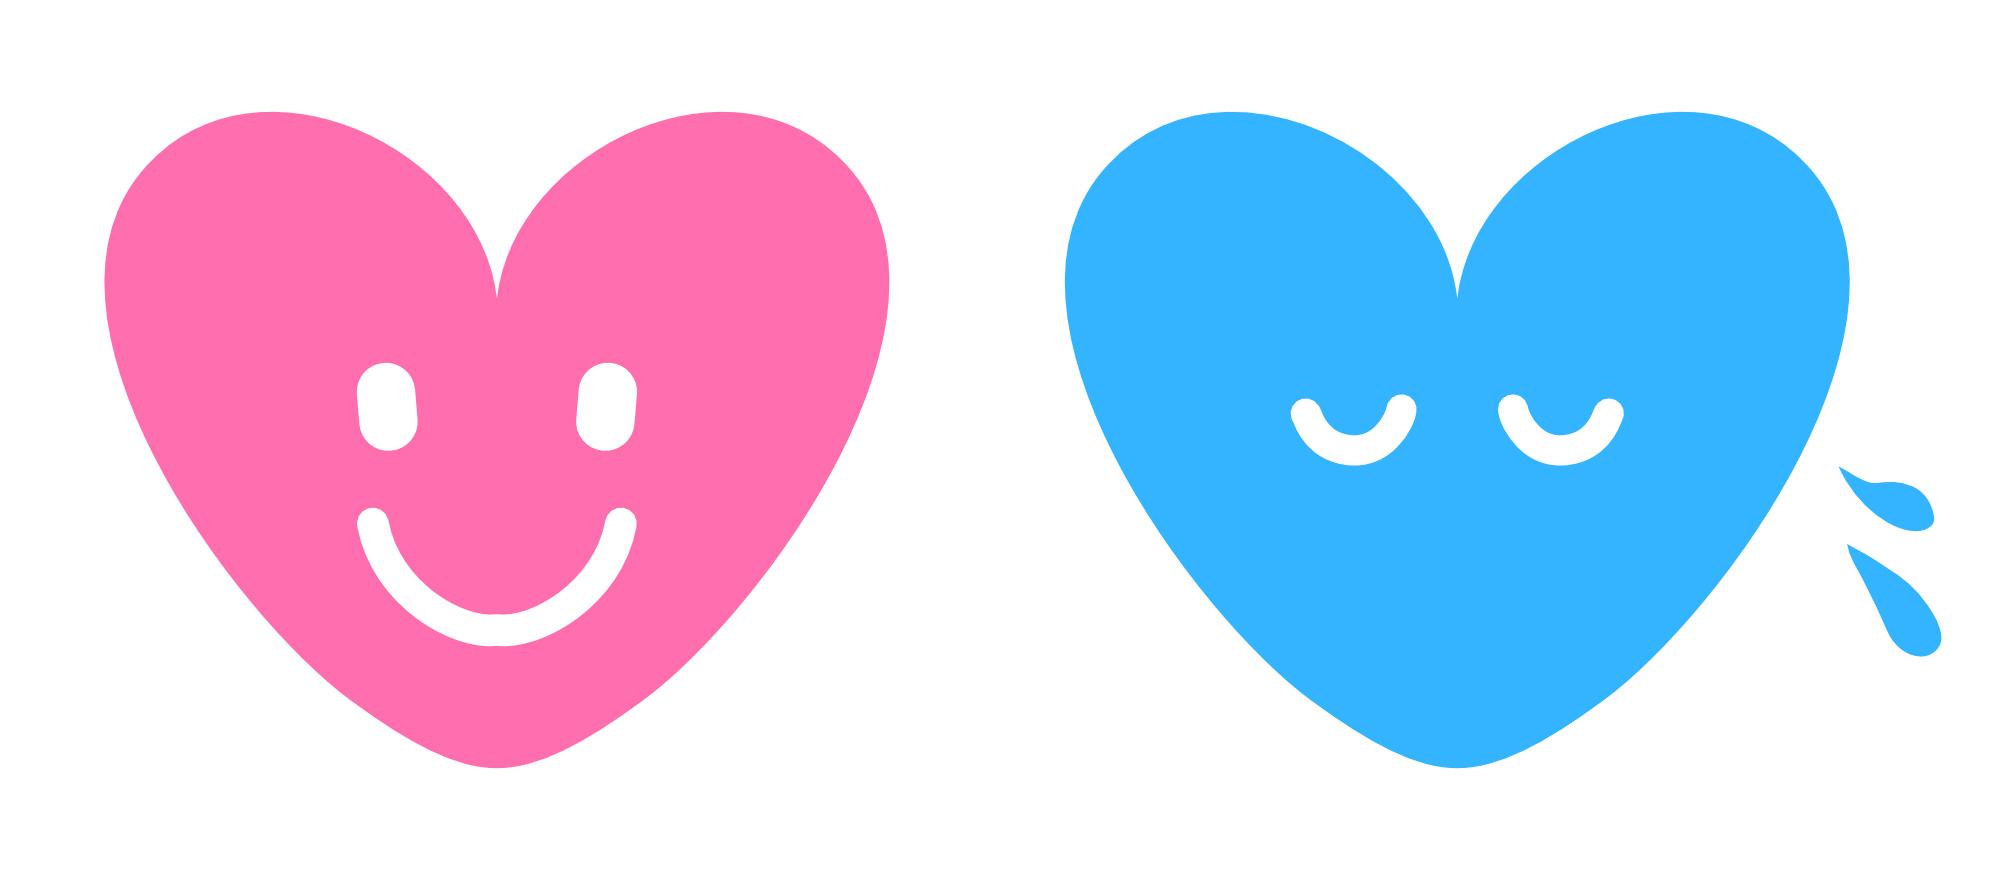 笑顔としょんぼり顔のハートマーク : ハートの素材屋